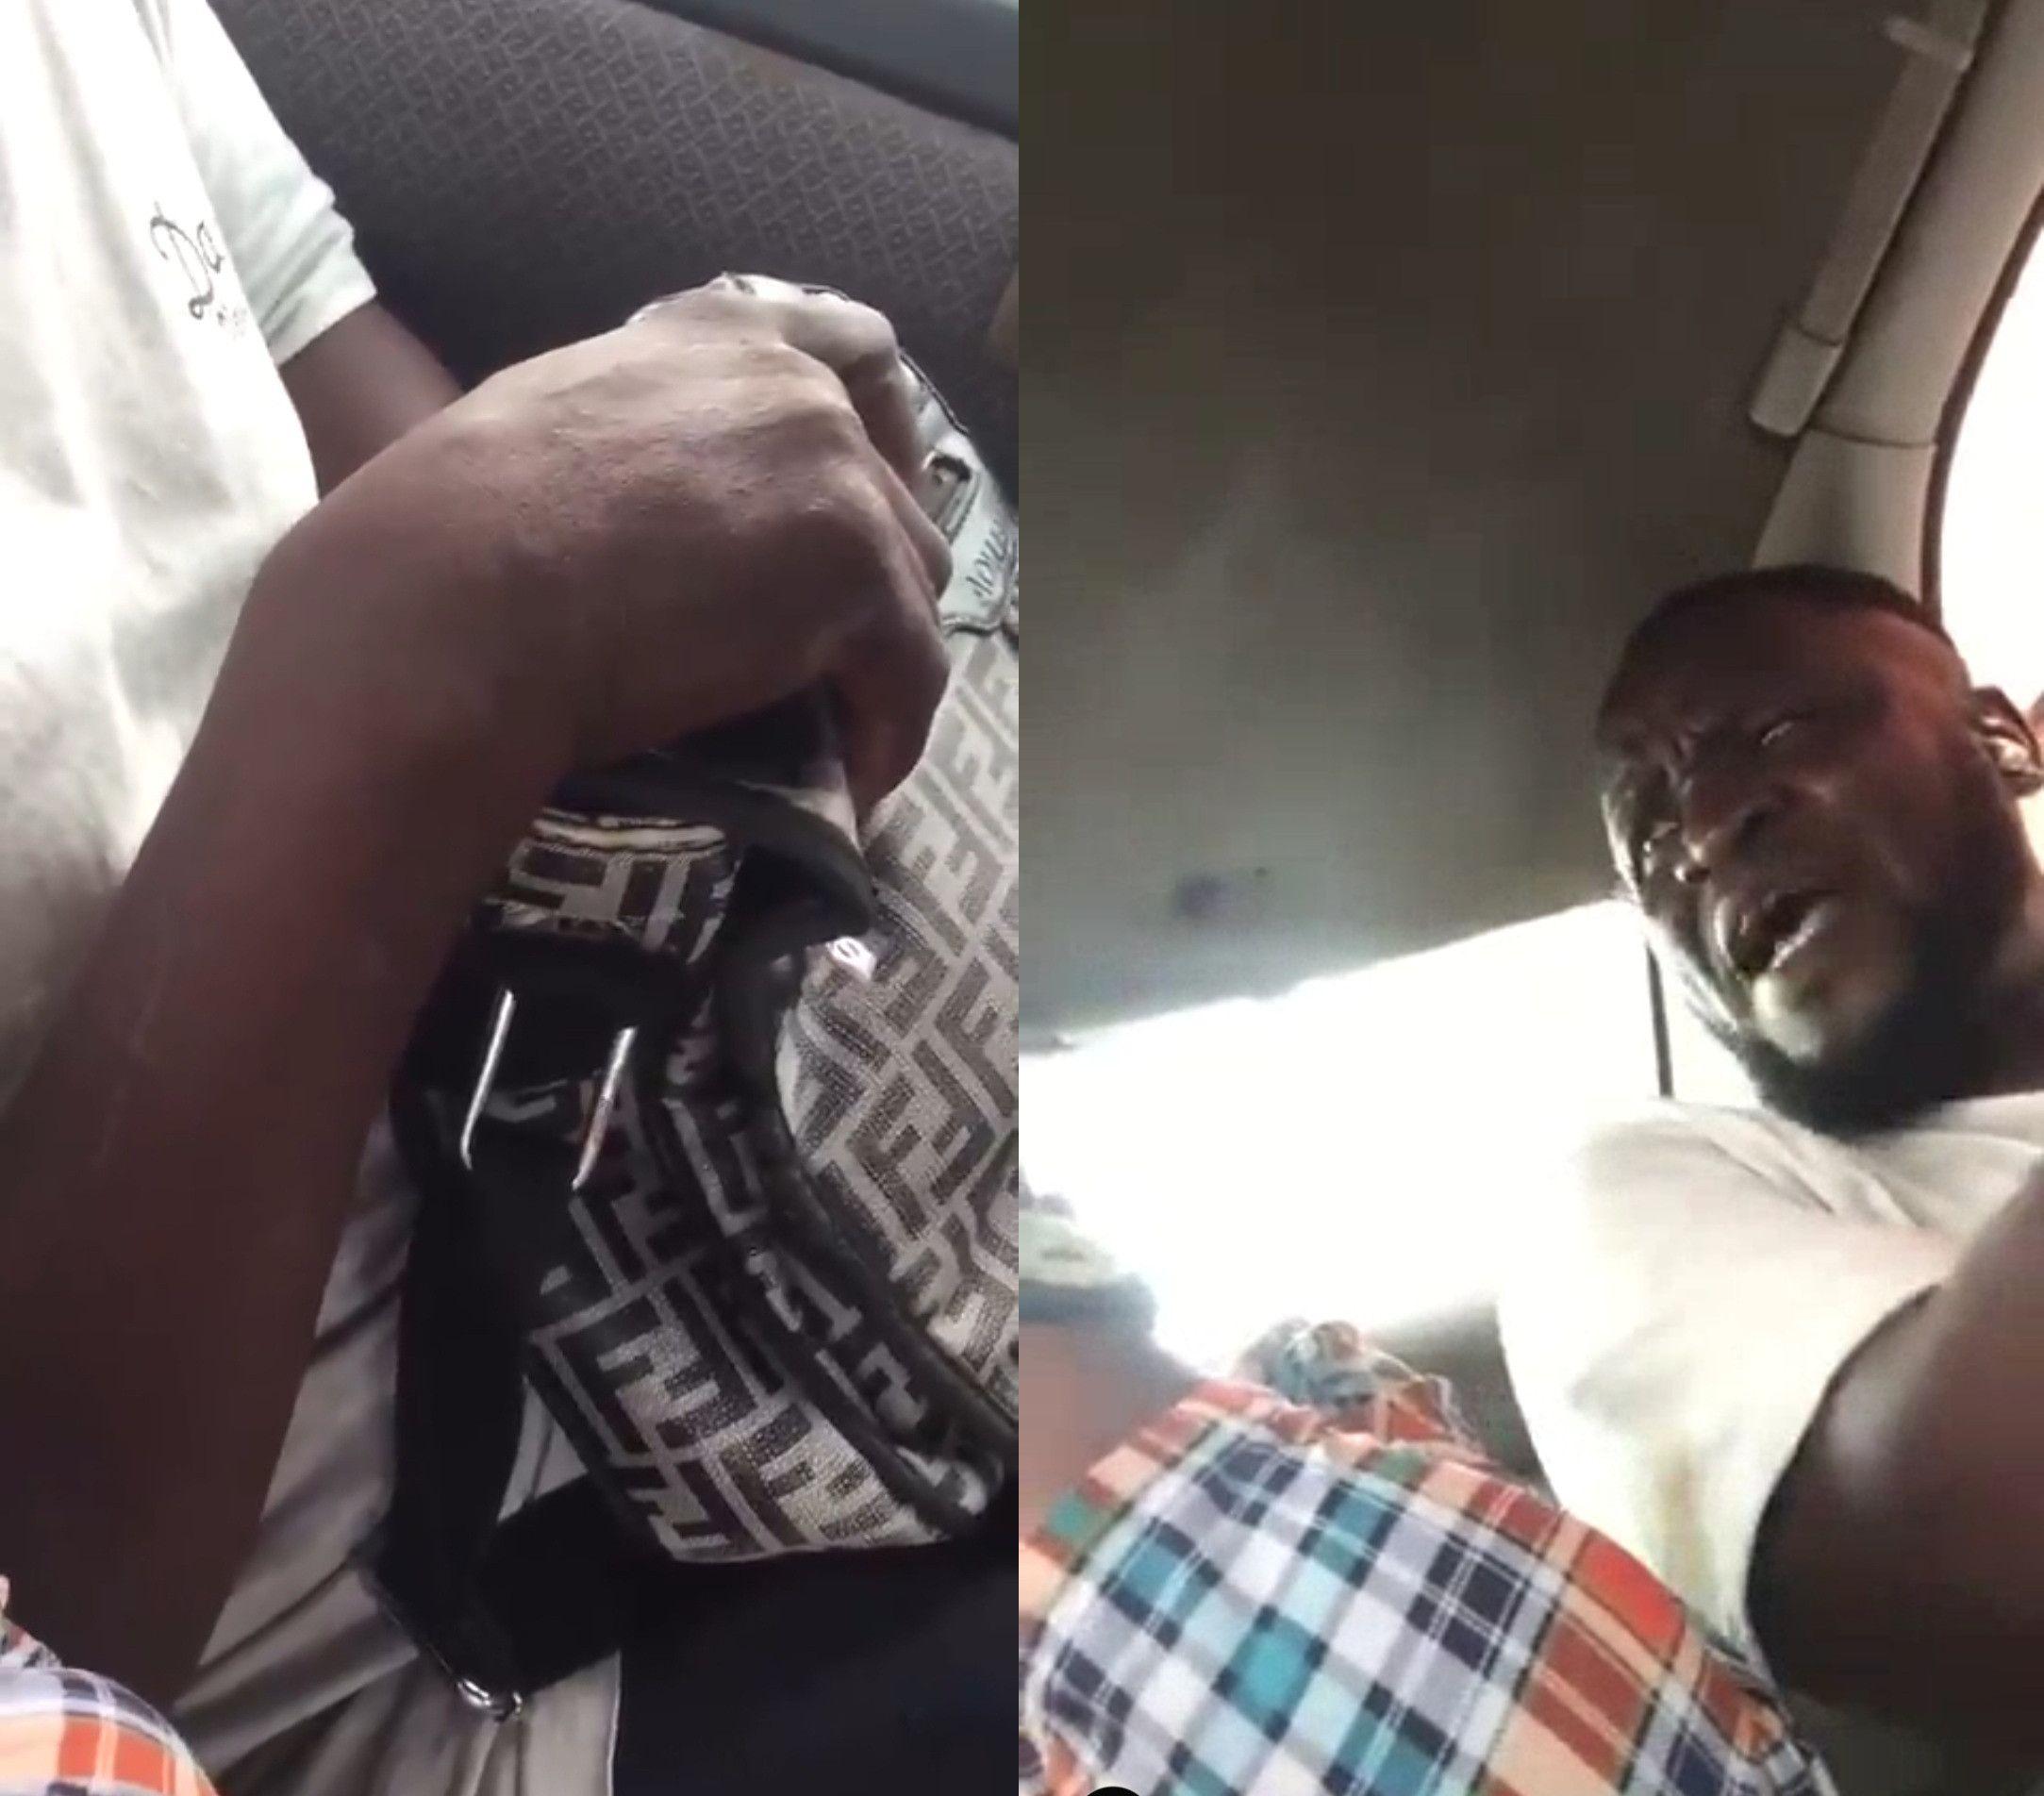 Photo Of Man Masturbating In Public